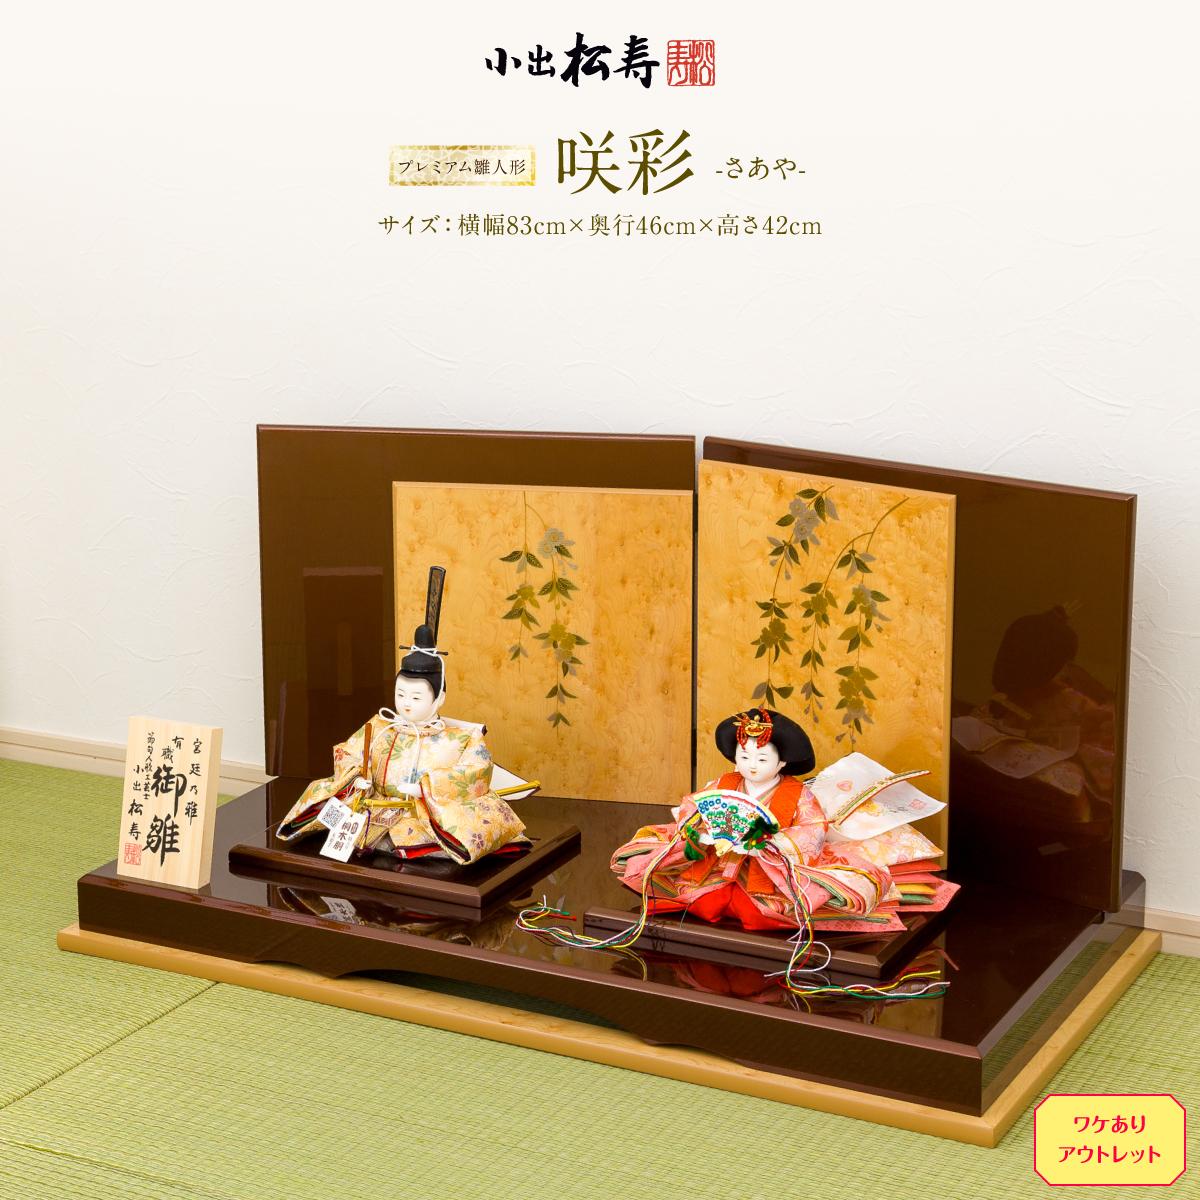 ひな人形 雛人形 小出松寿作咲彩(さあや) 特選